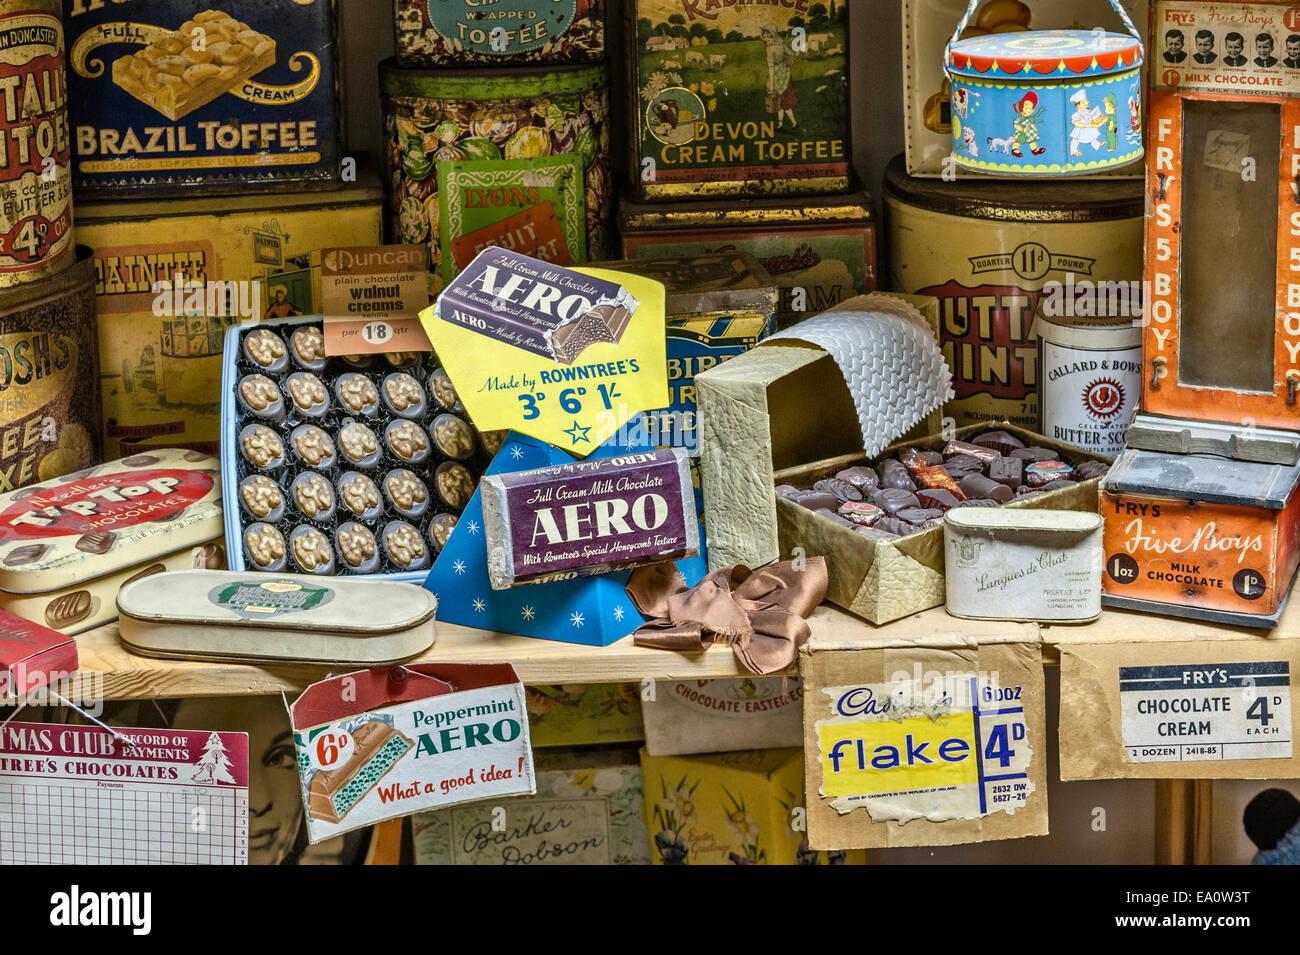 Der Land of Lost Content, ein Museum von 20c britischen Populärkultur, Craven Arms, Shropshire. Süßwaren Stockbild